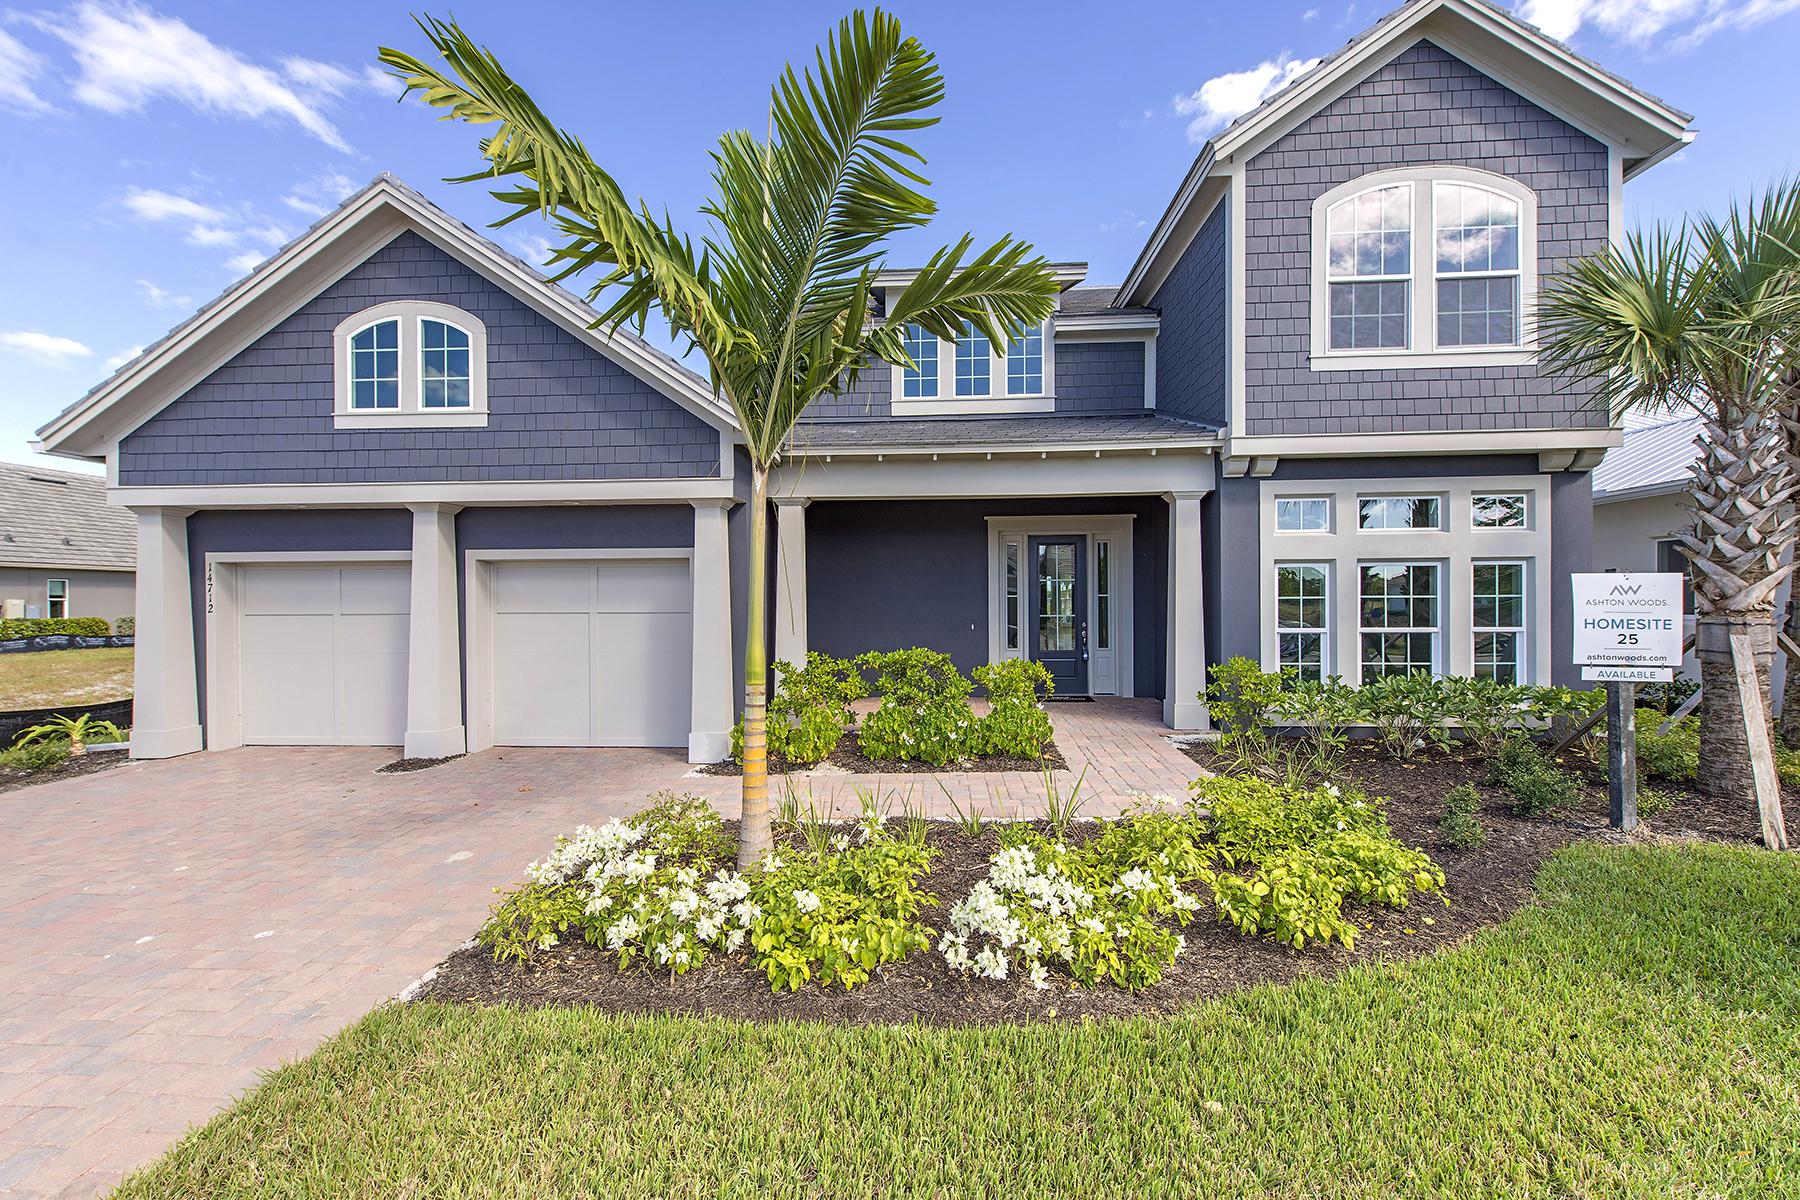 獨棟家庭住宅 為 出售 在 NAPLES RESERVE - SAVANNAH LAKES 14712 Windward Pl Naples, 佛羅里達州, 34114 美國